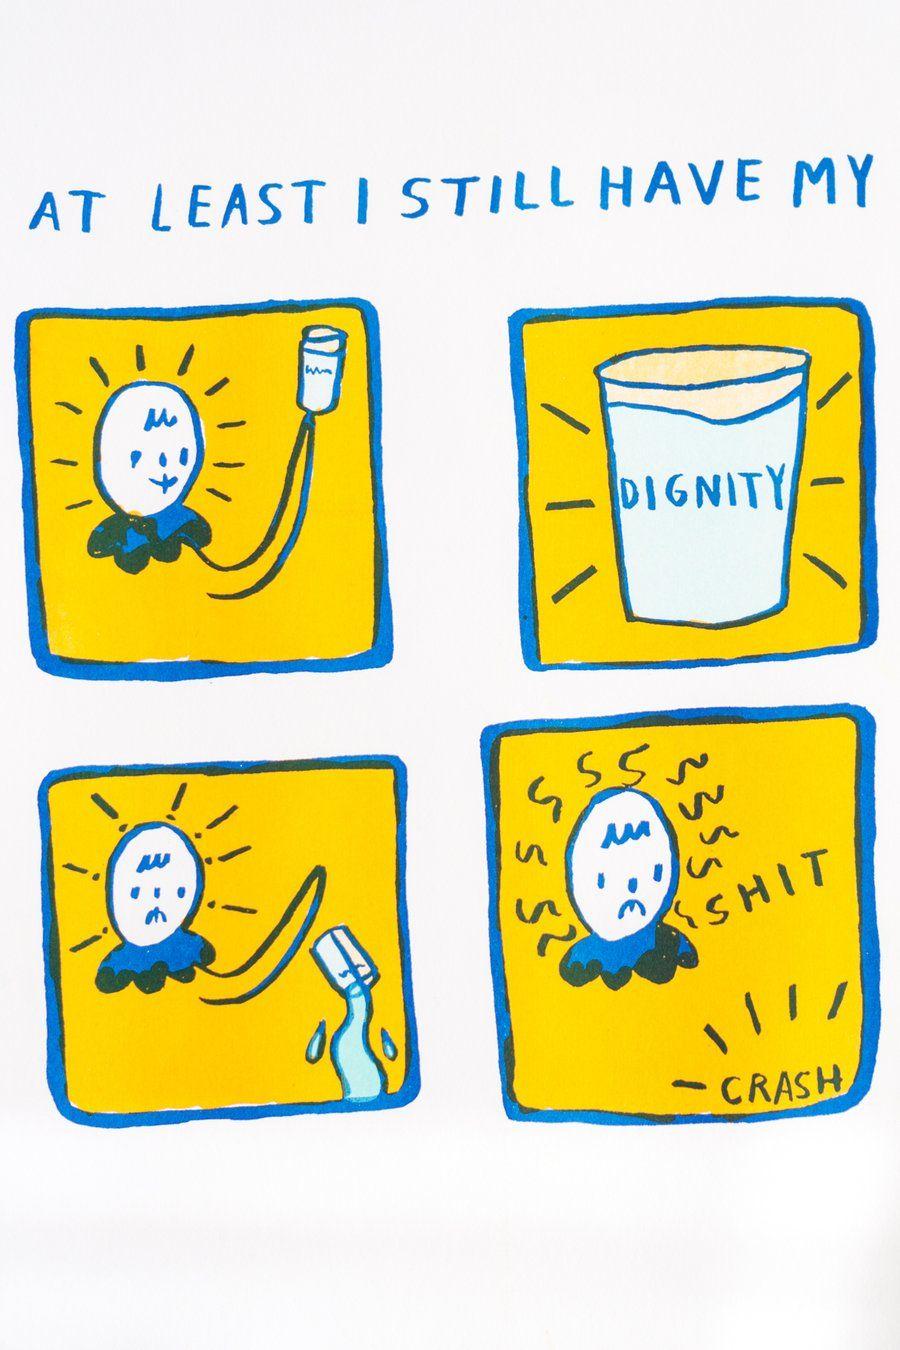 Dignity Riso Print 11 X 17 Risograph Print Riso Print Risograph